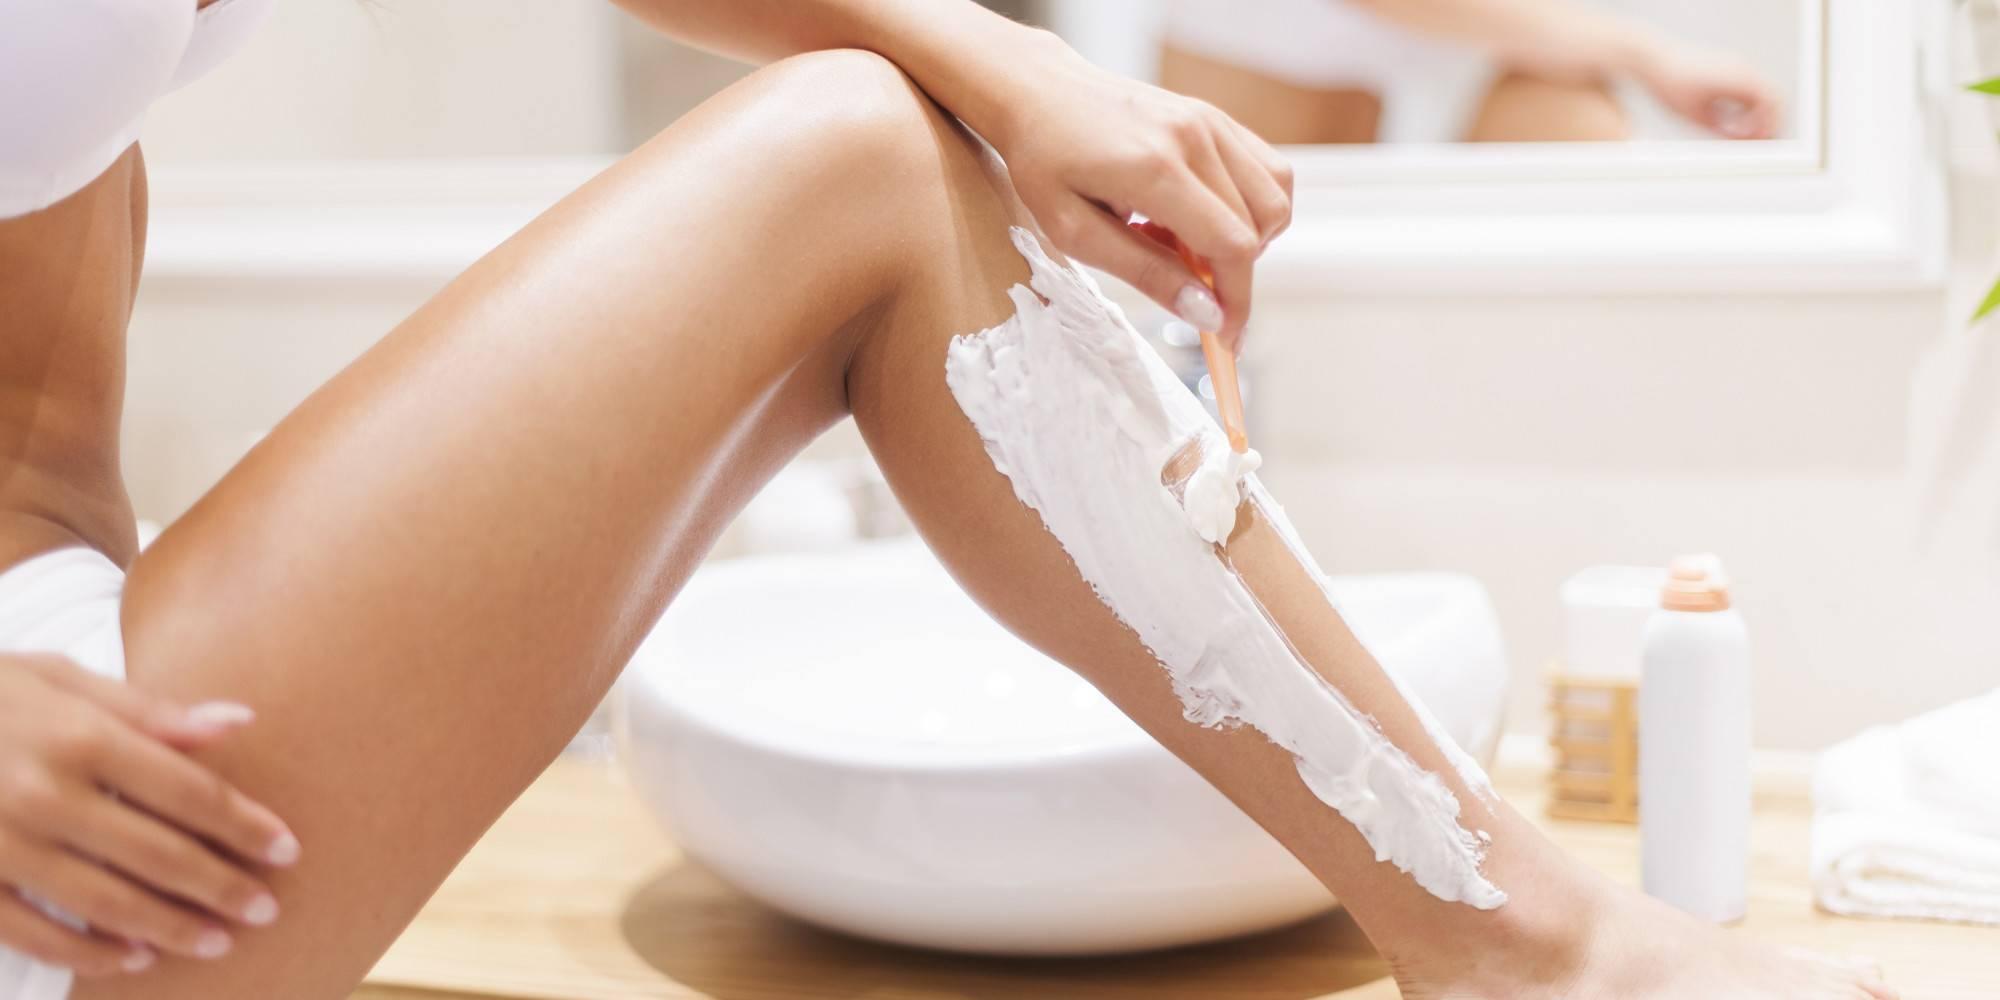 11 лучших советов по бритью, которые помогут избежать распространенных ошибок